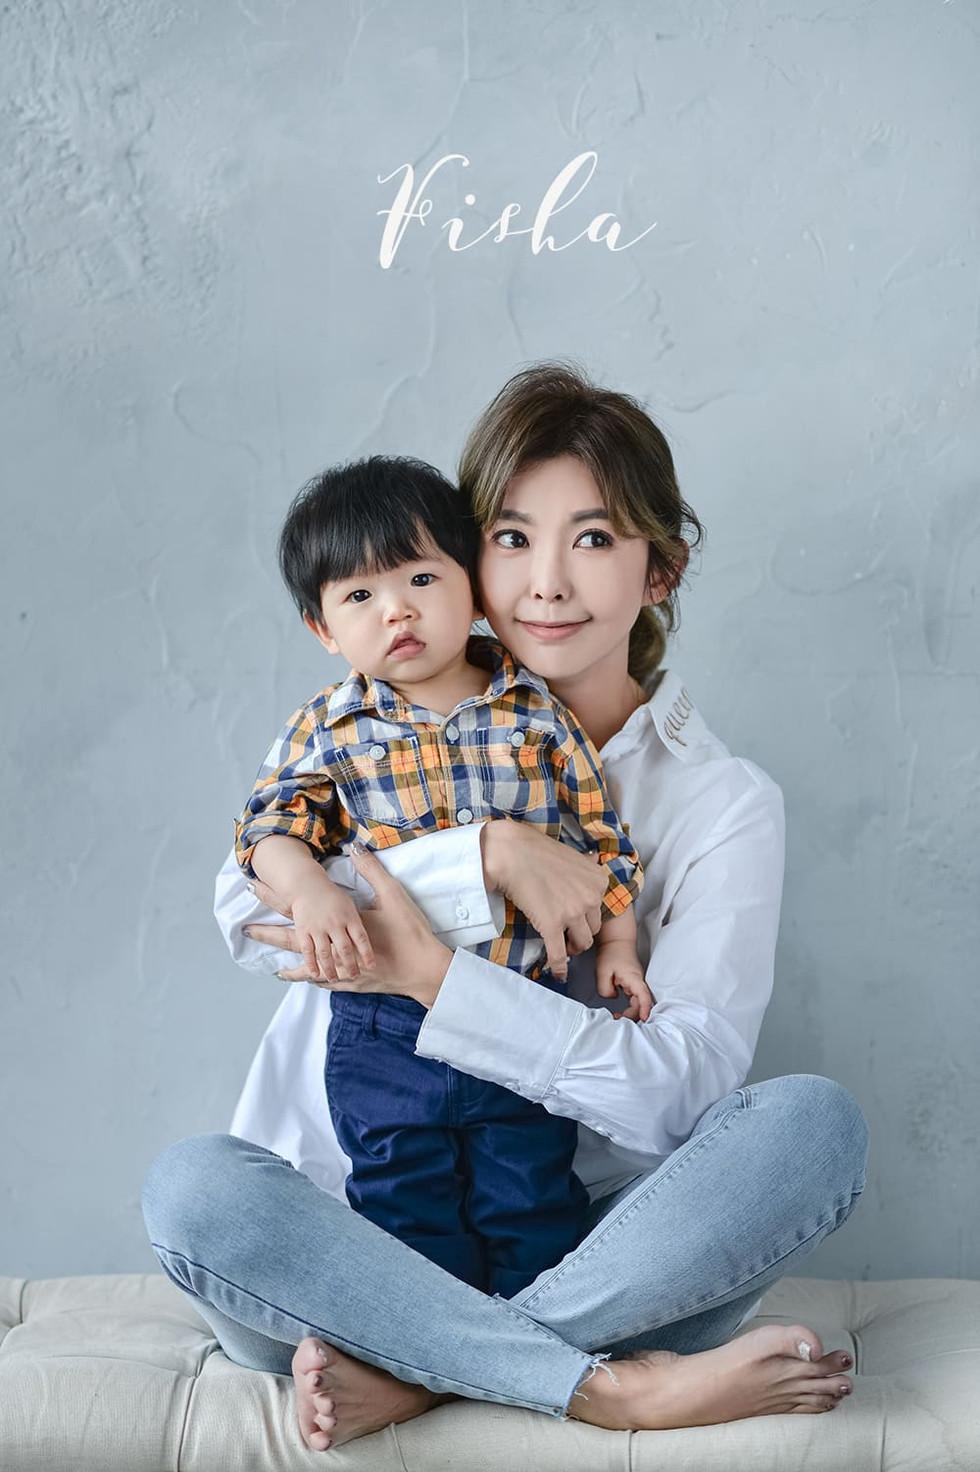 甜心主播/藝人芳瑜Fisha,跟可愛的張家誠寶寶來拍親子寫真